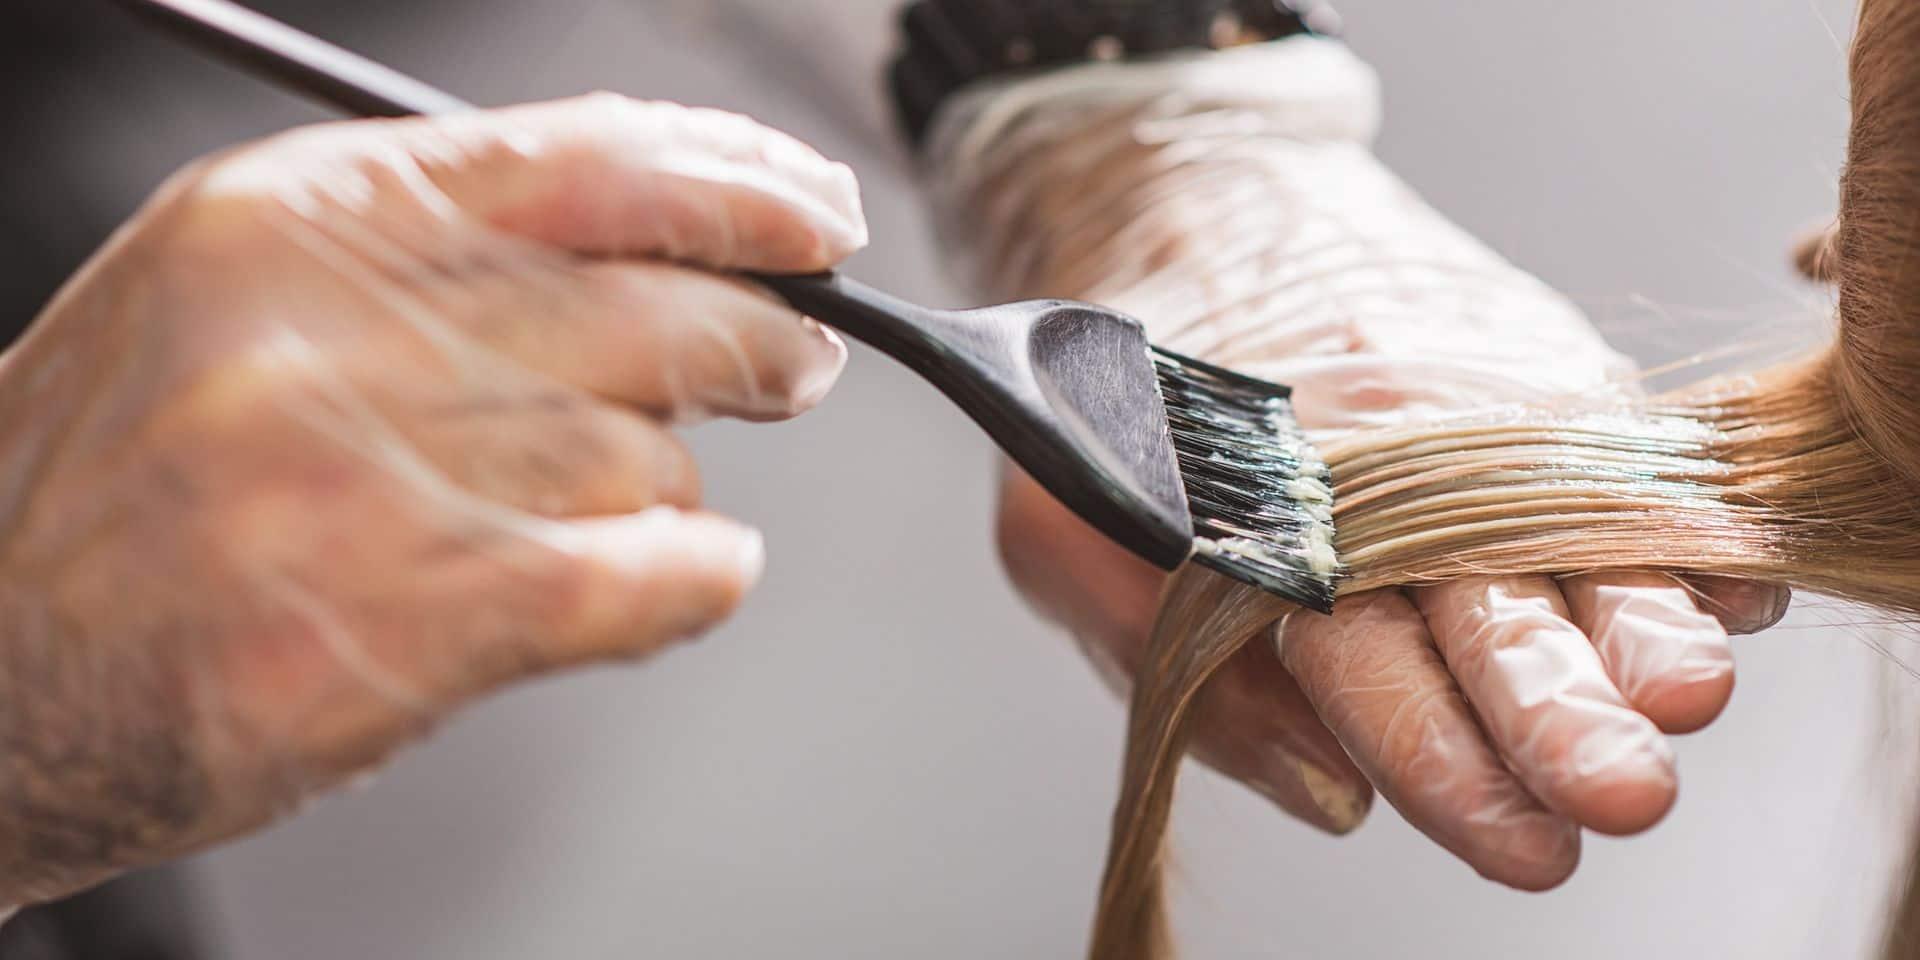 Le coronavirus peut-il induire de nouvelles allergies? Des salons de coiffures alertent sur d'étranges réactions aux produits capillaires